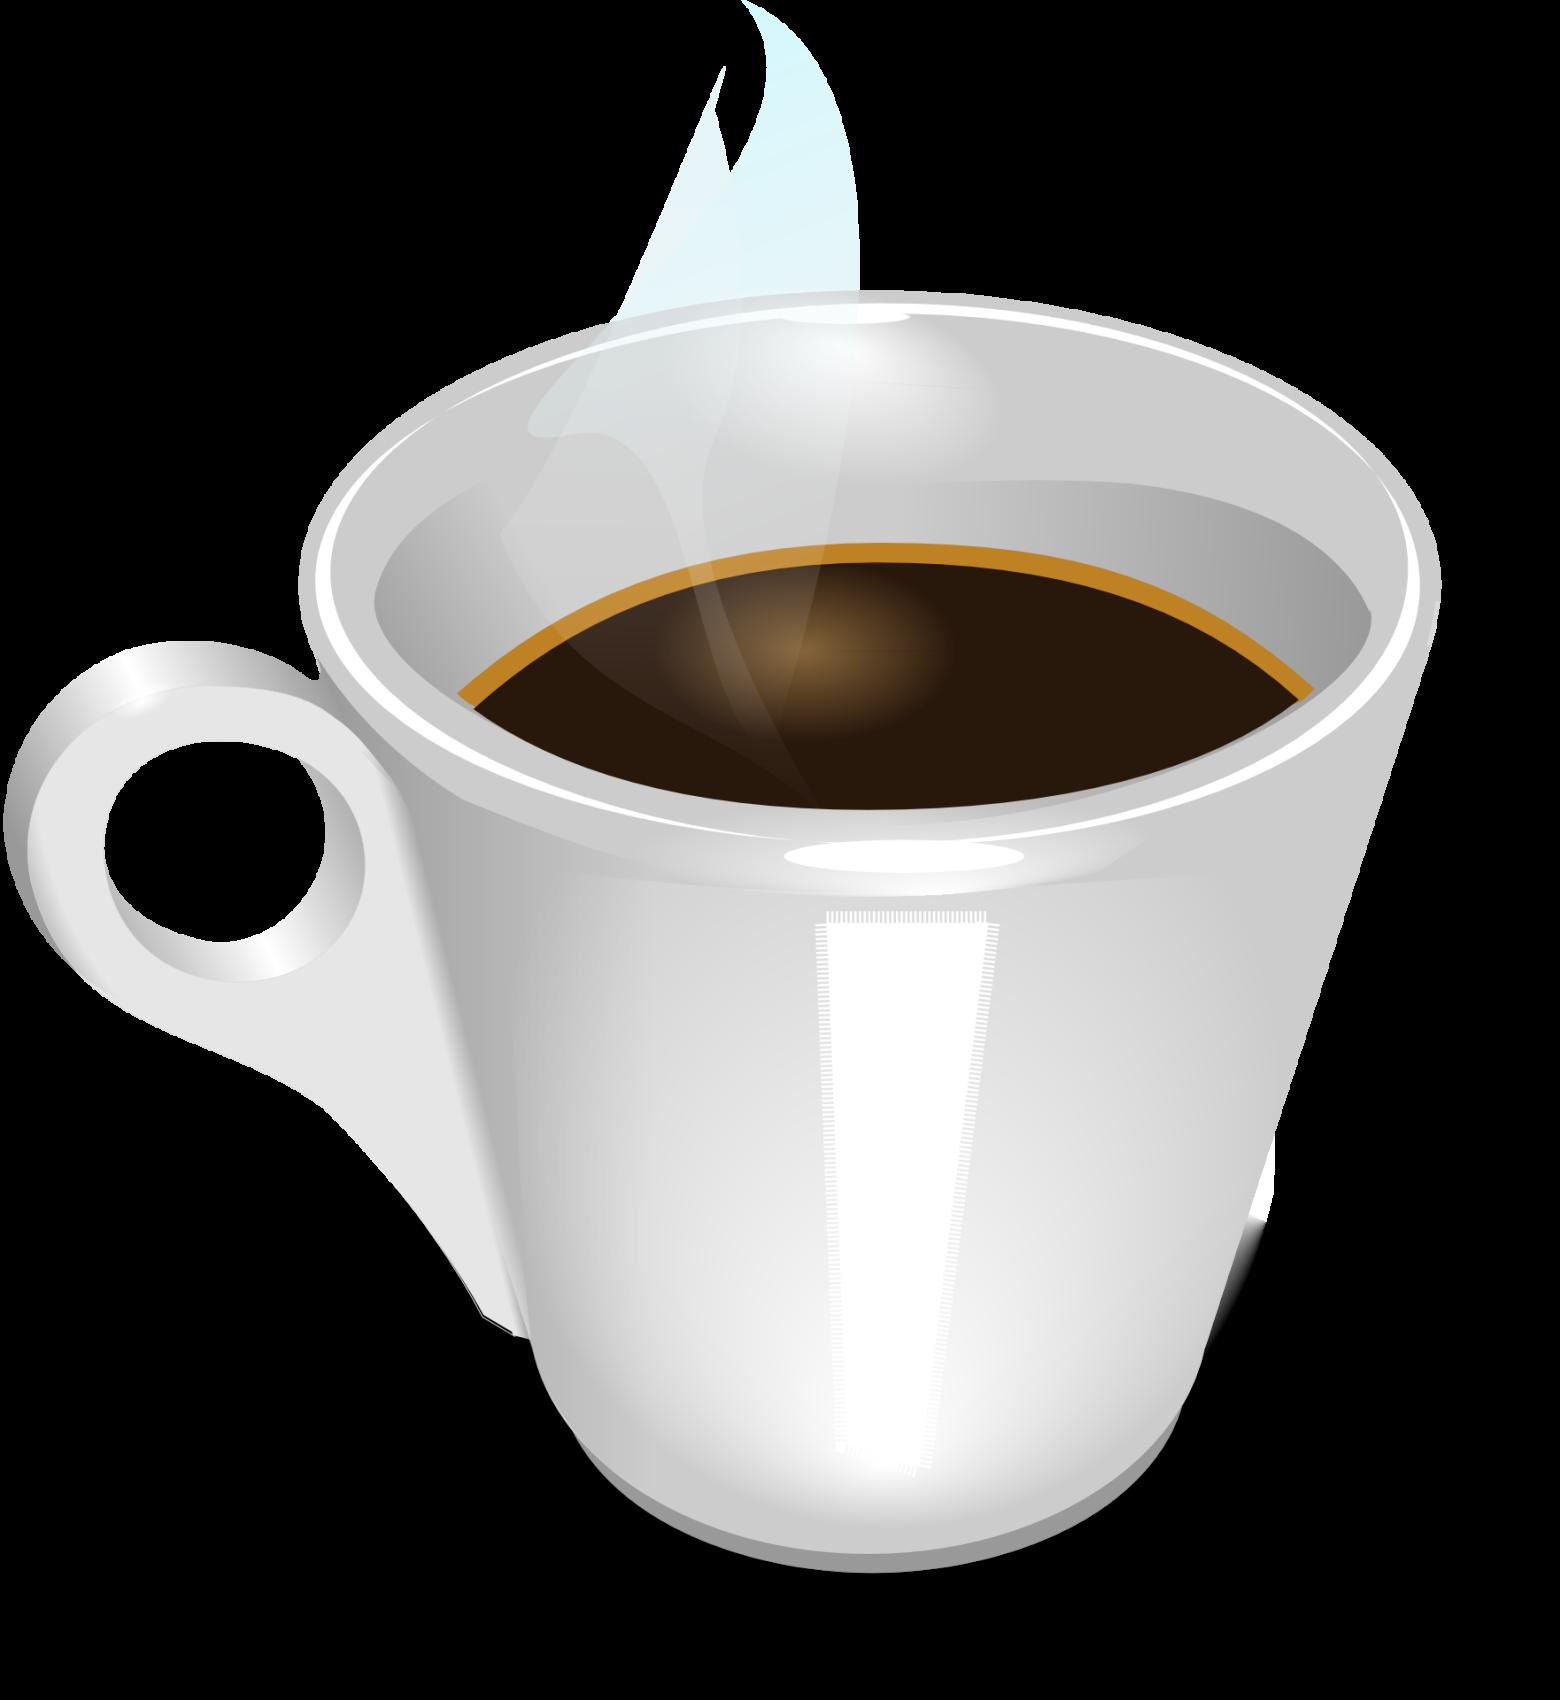 Tasse clipart  clipart tasse de café noir images gratuites | images gratuites et ...